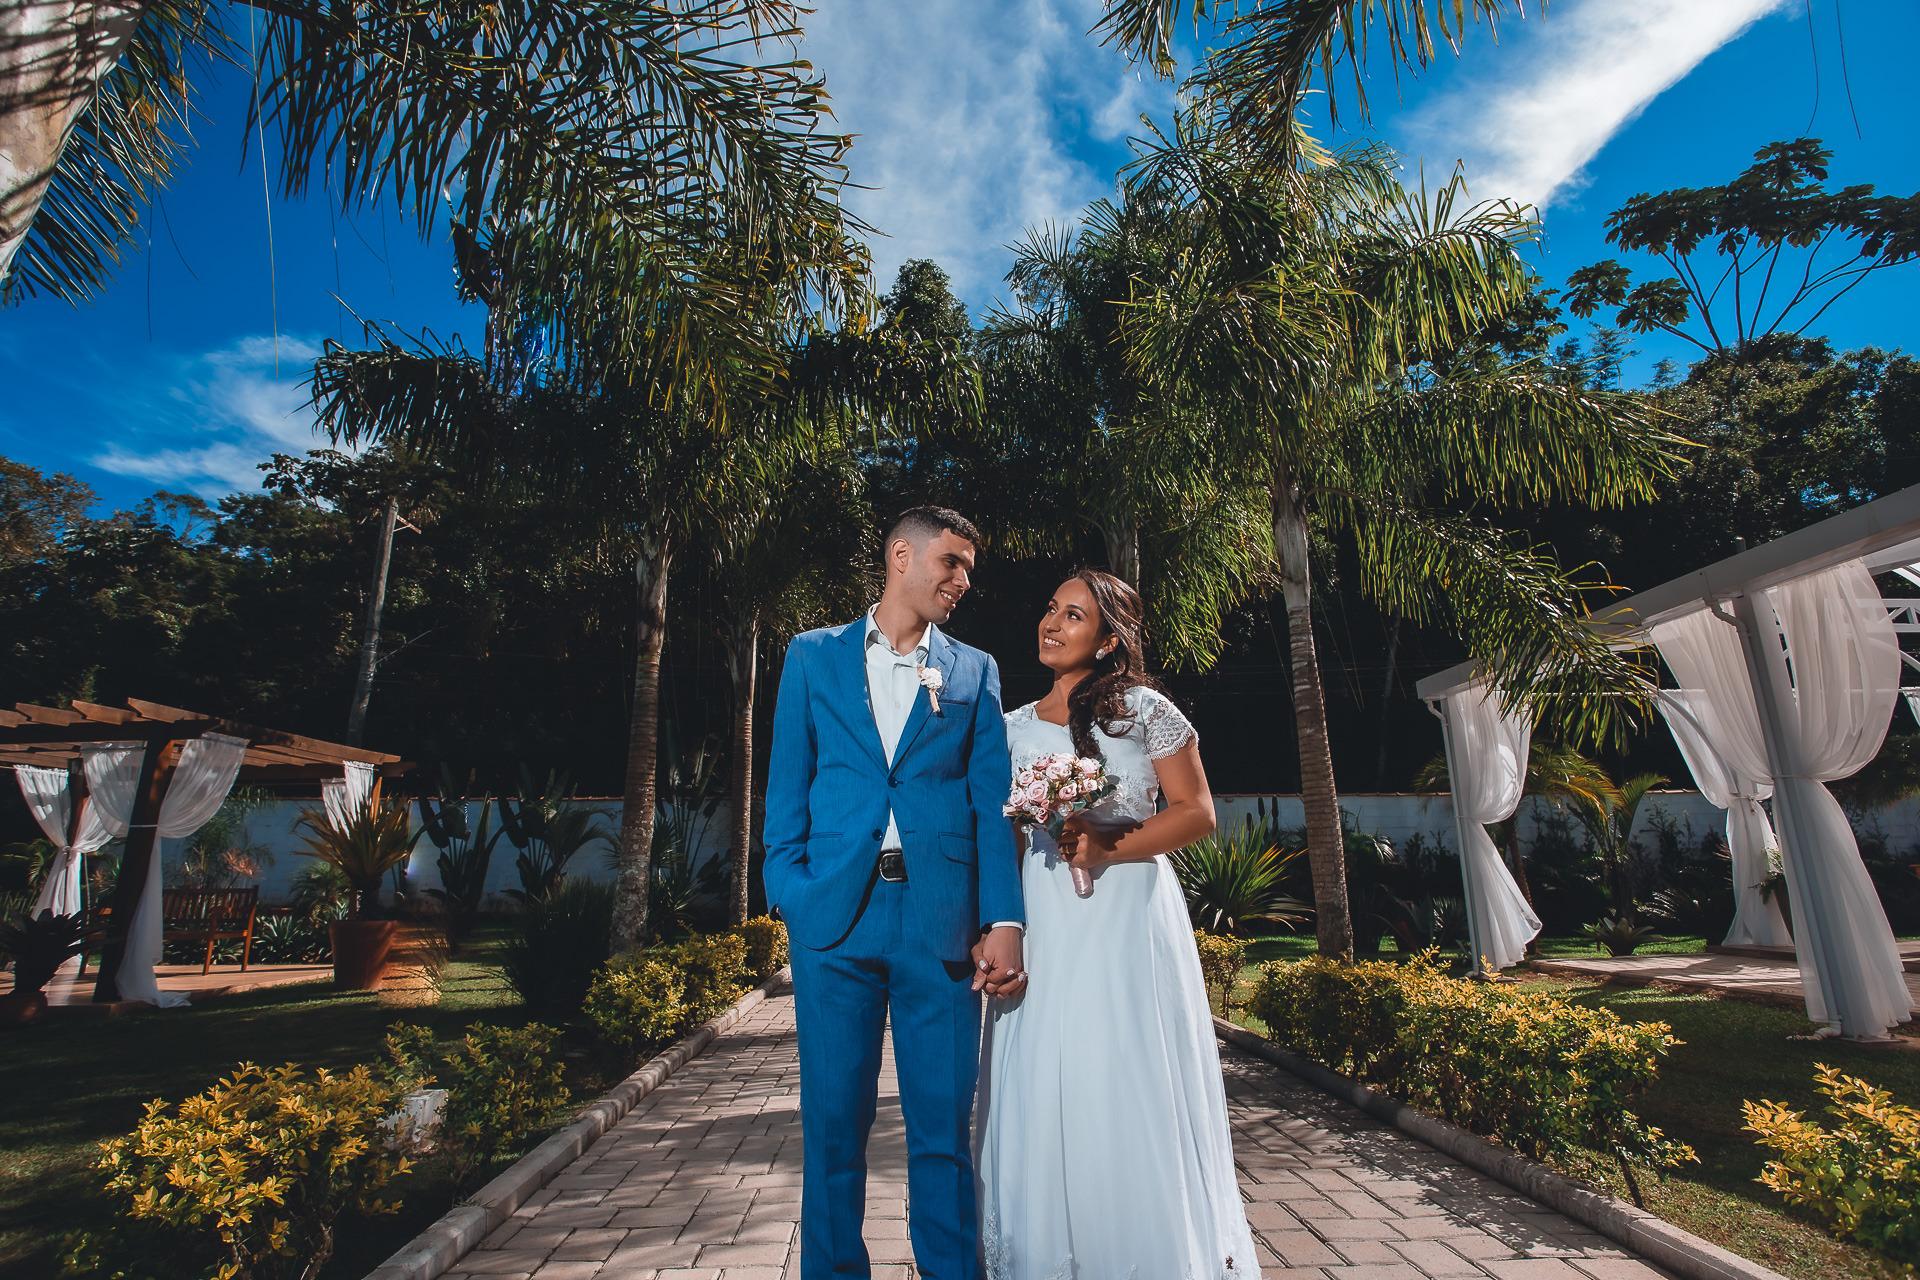 Melhores Fotografos de Casamento em Santa Catarina e Blumenau